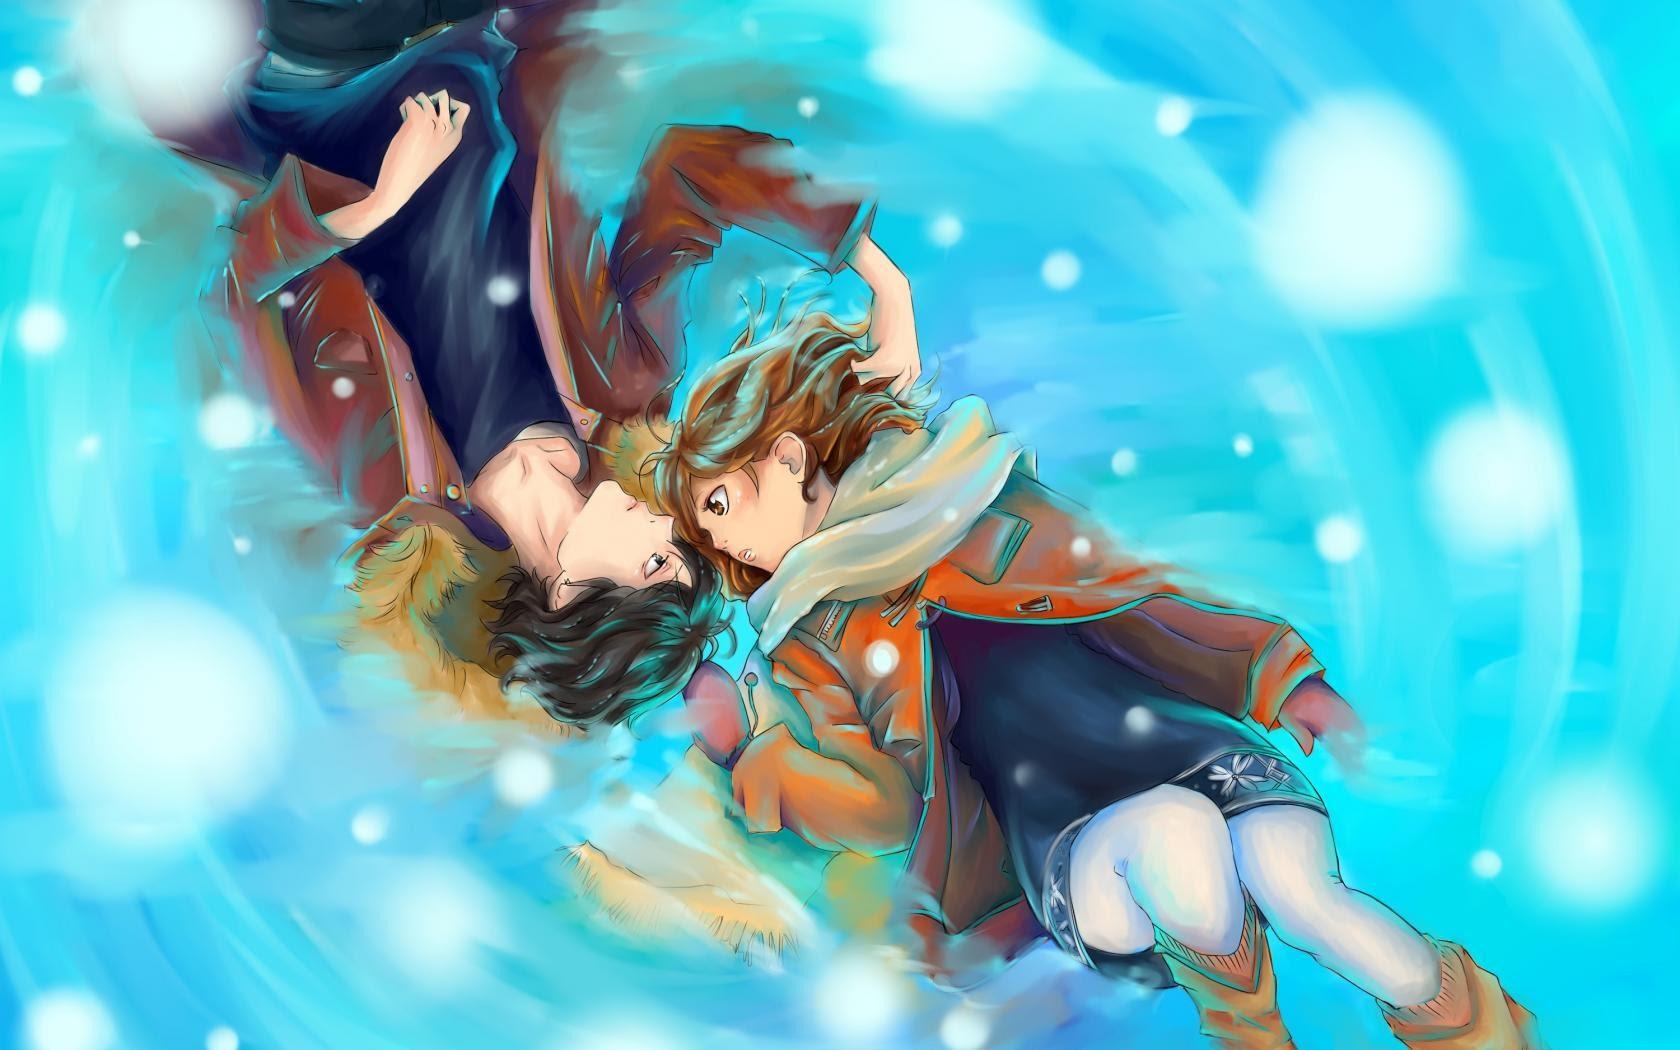 Anime Wallpapers HD download free | PixelsTalk.Net